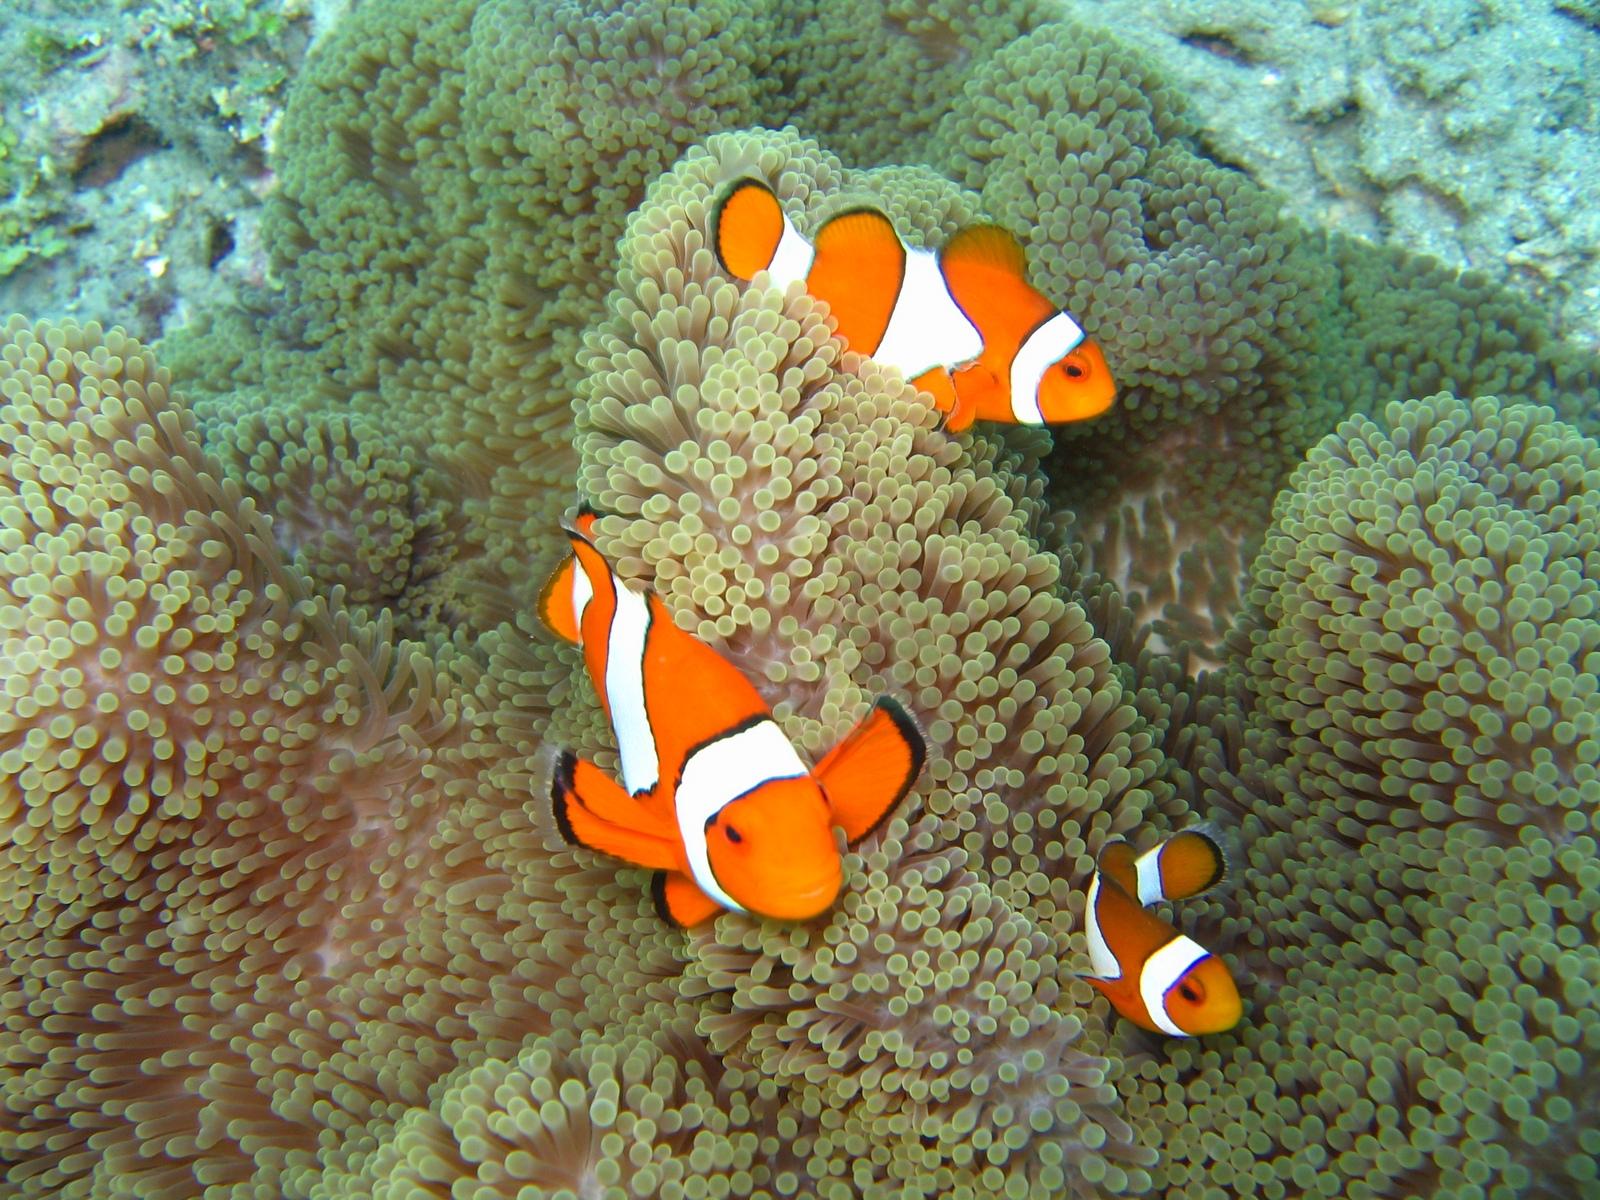 Falsche Clownsfische in Teppichanemone